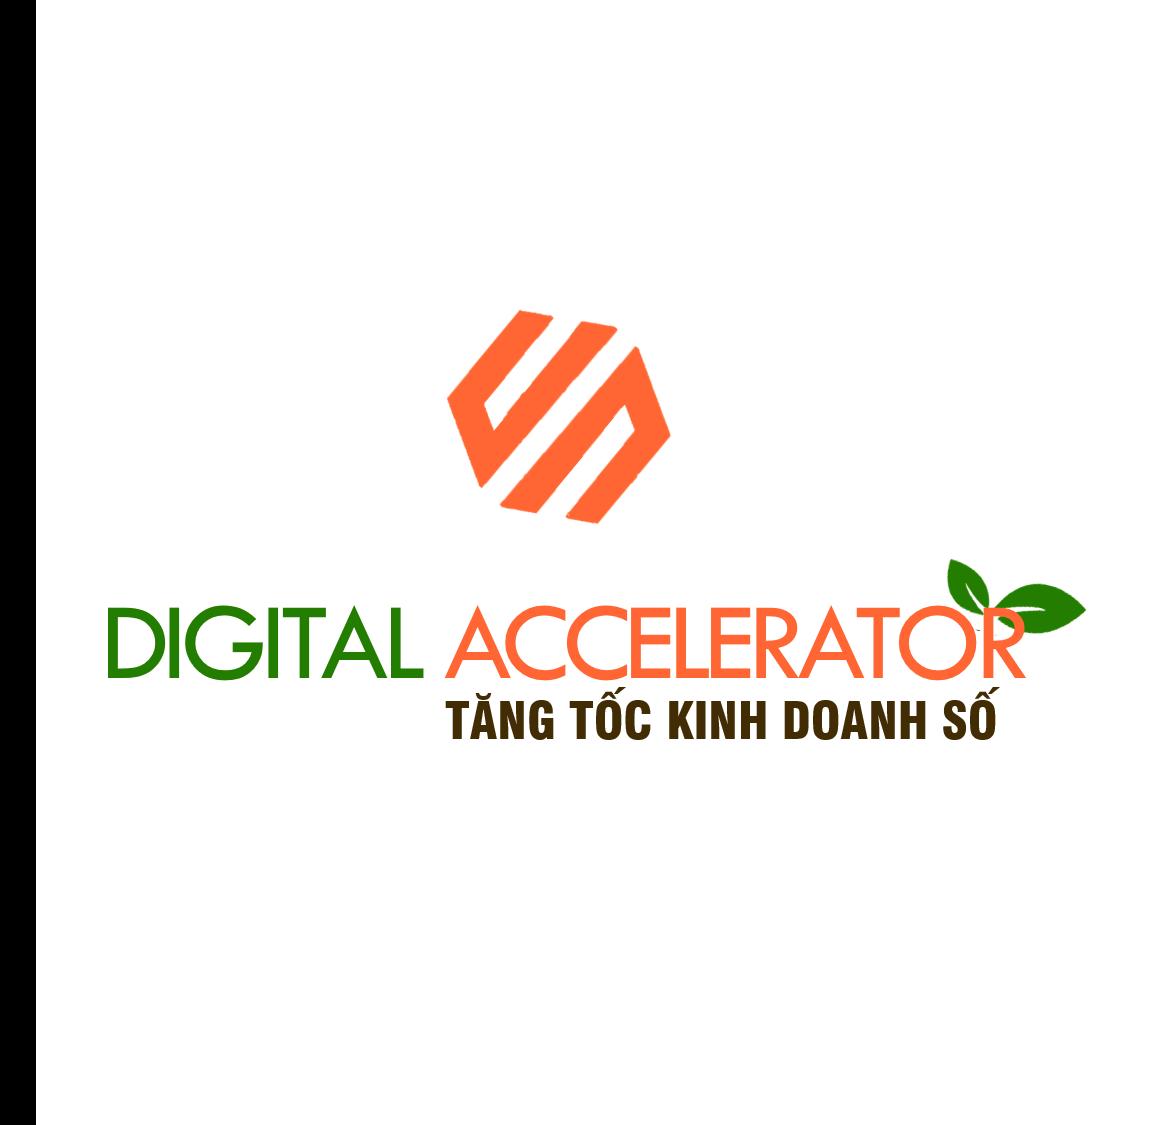 DAP - Chương trình Tăng tốc kinh doanh số